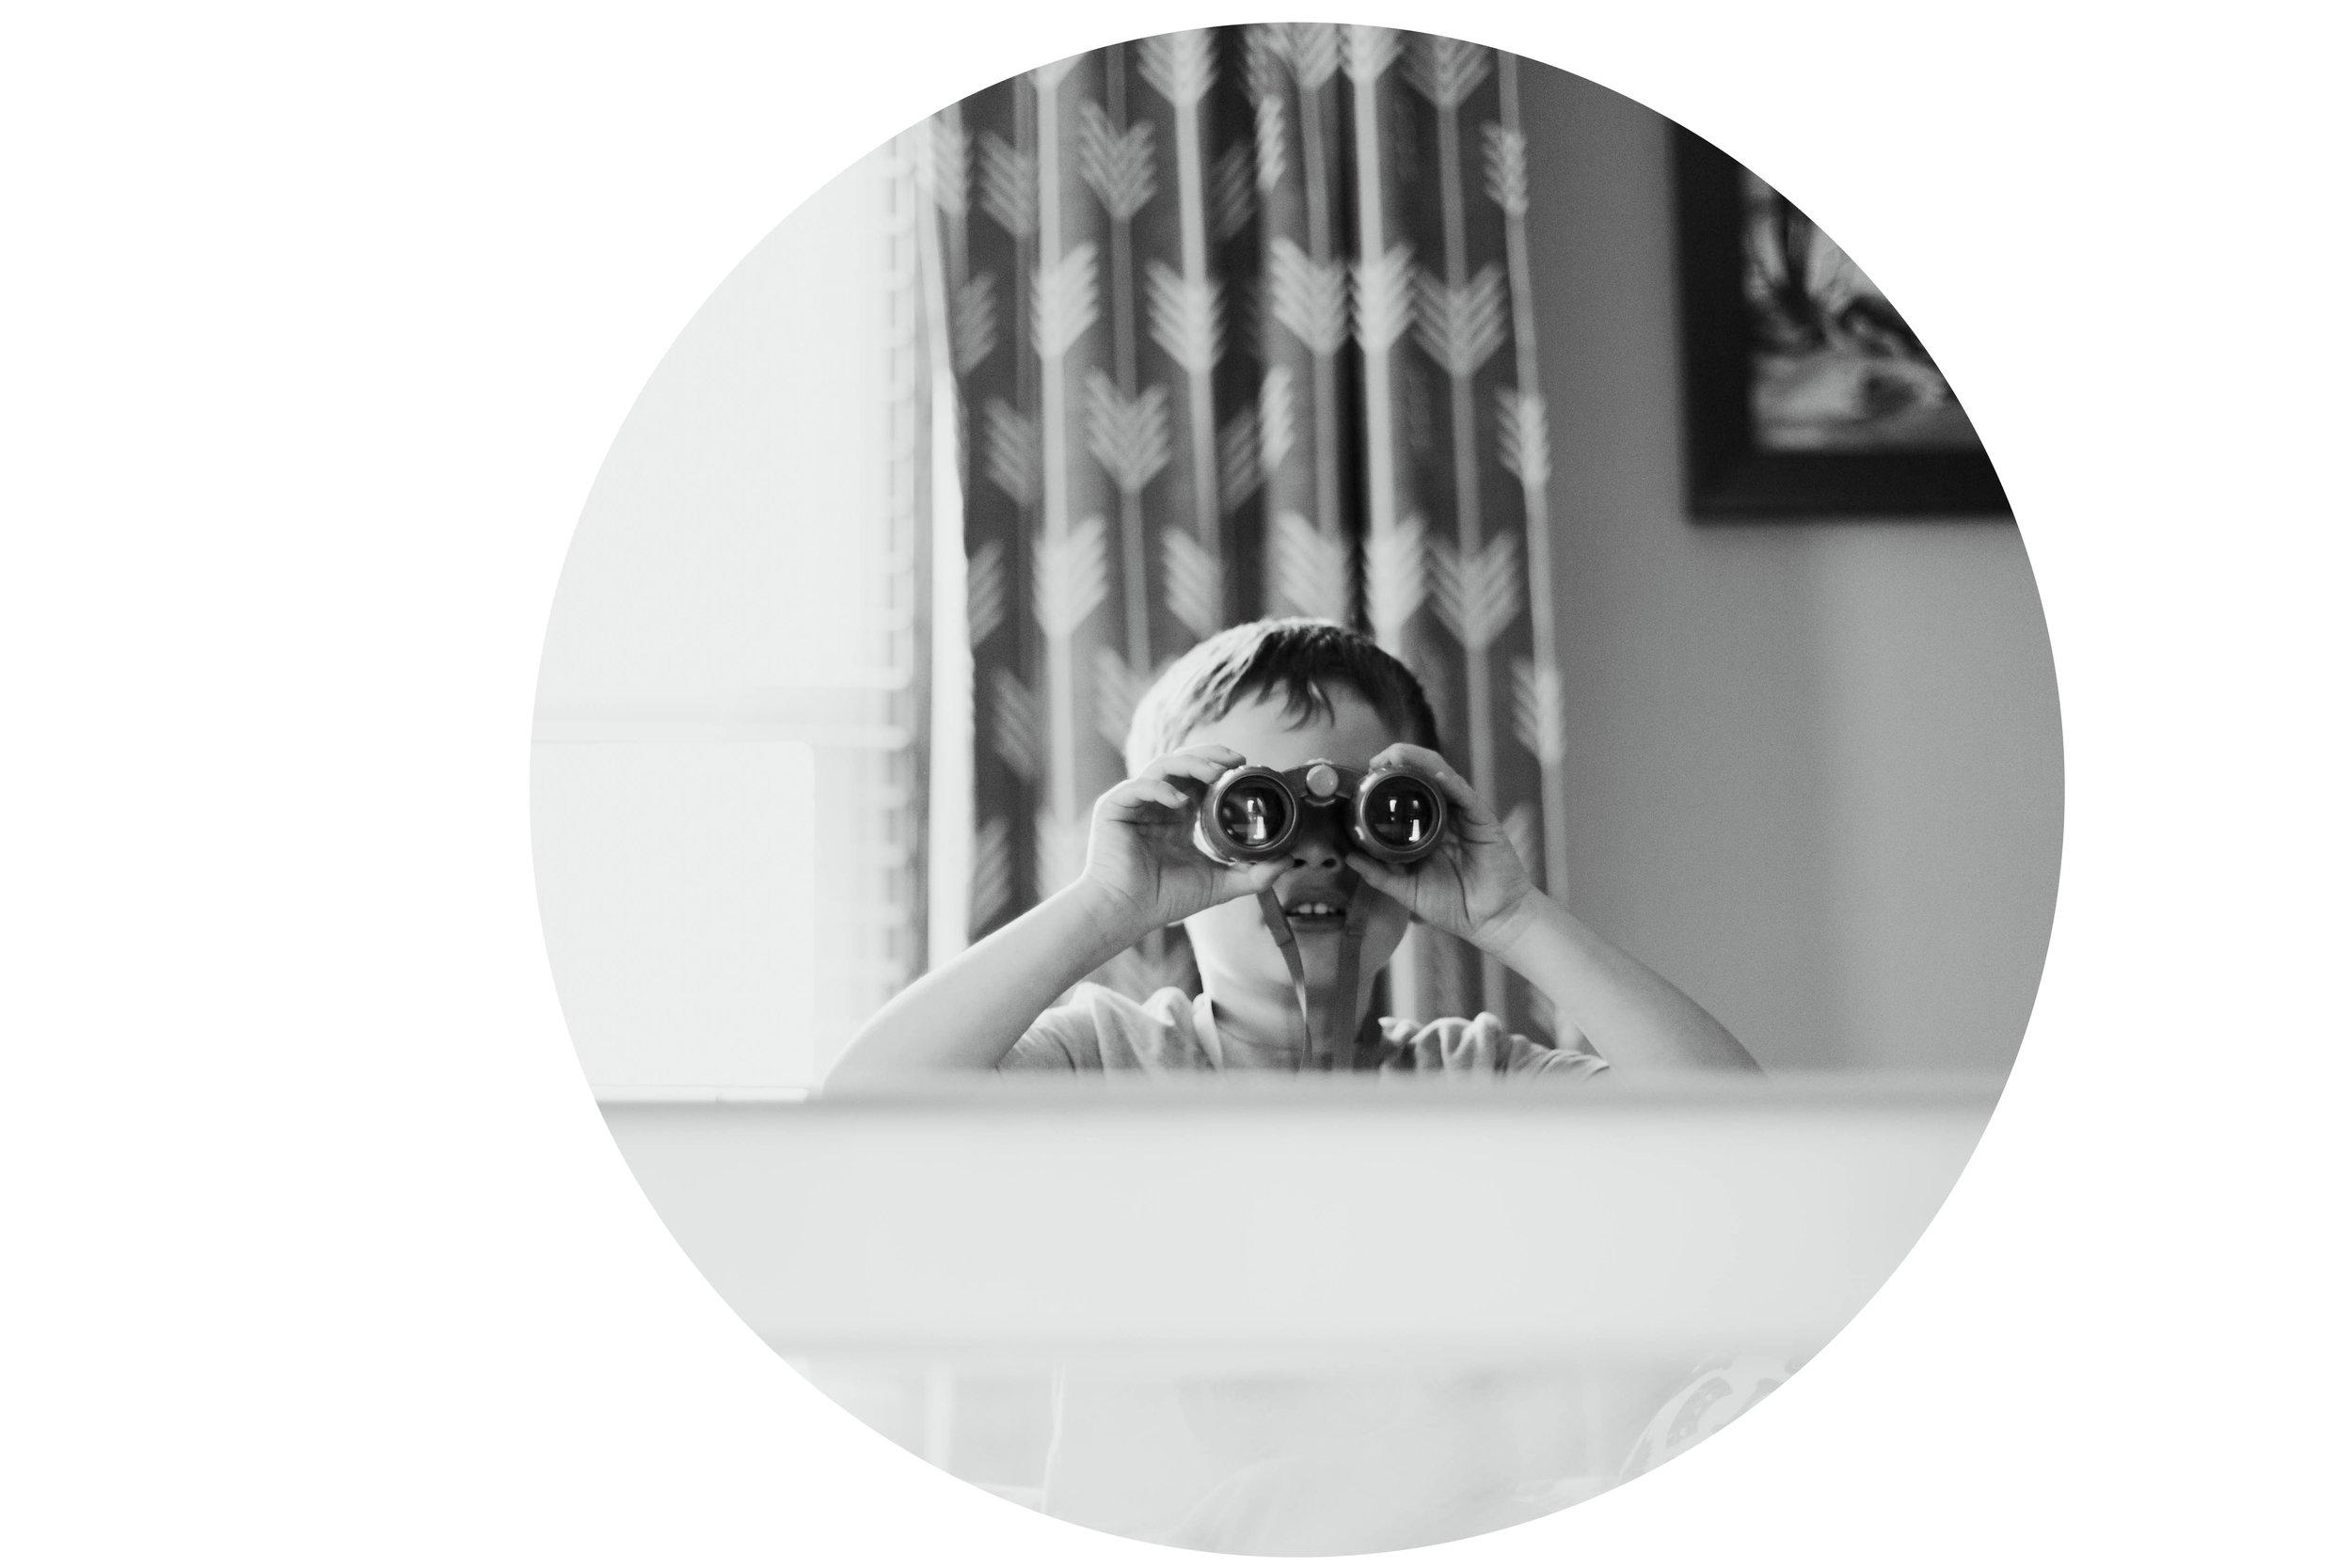 bloomington illinois peoria illinois documentary family photography